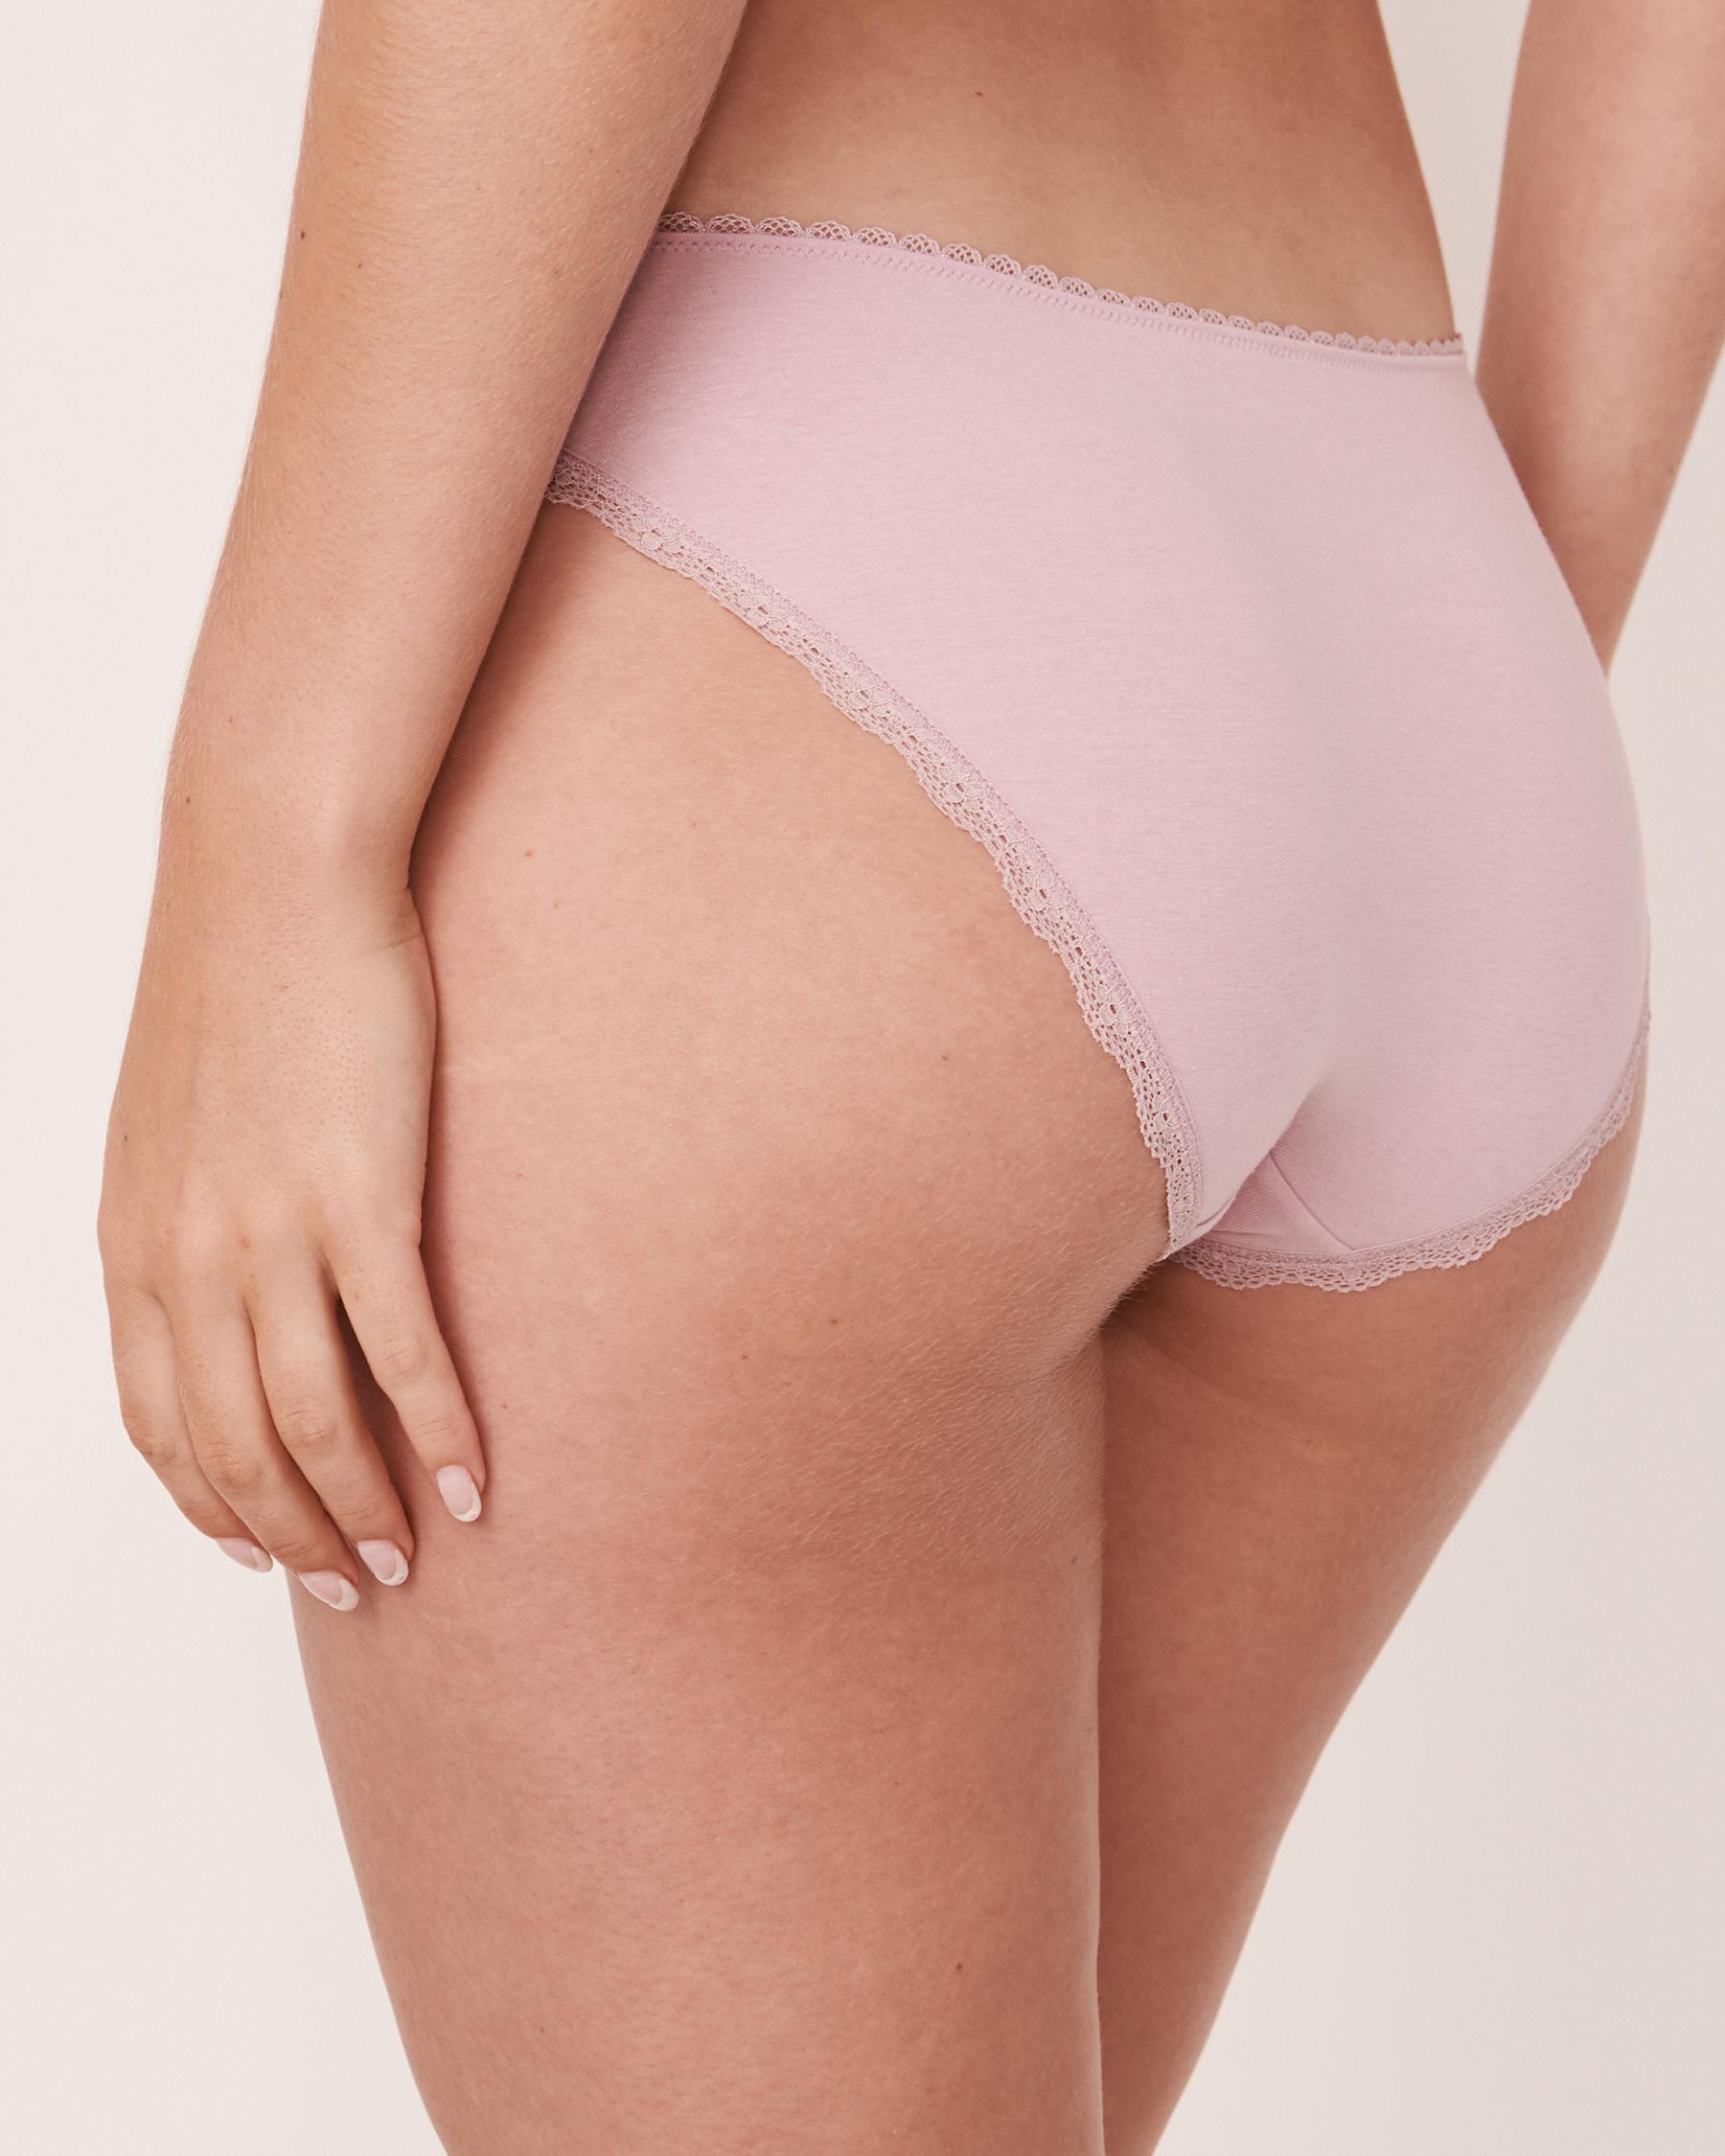 LA VIE EN ROSE Bikini Panty Lilac 20100072 - View2